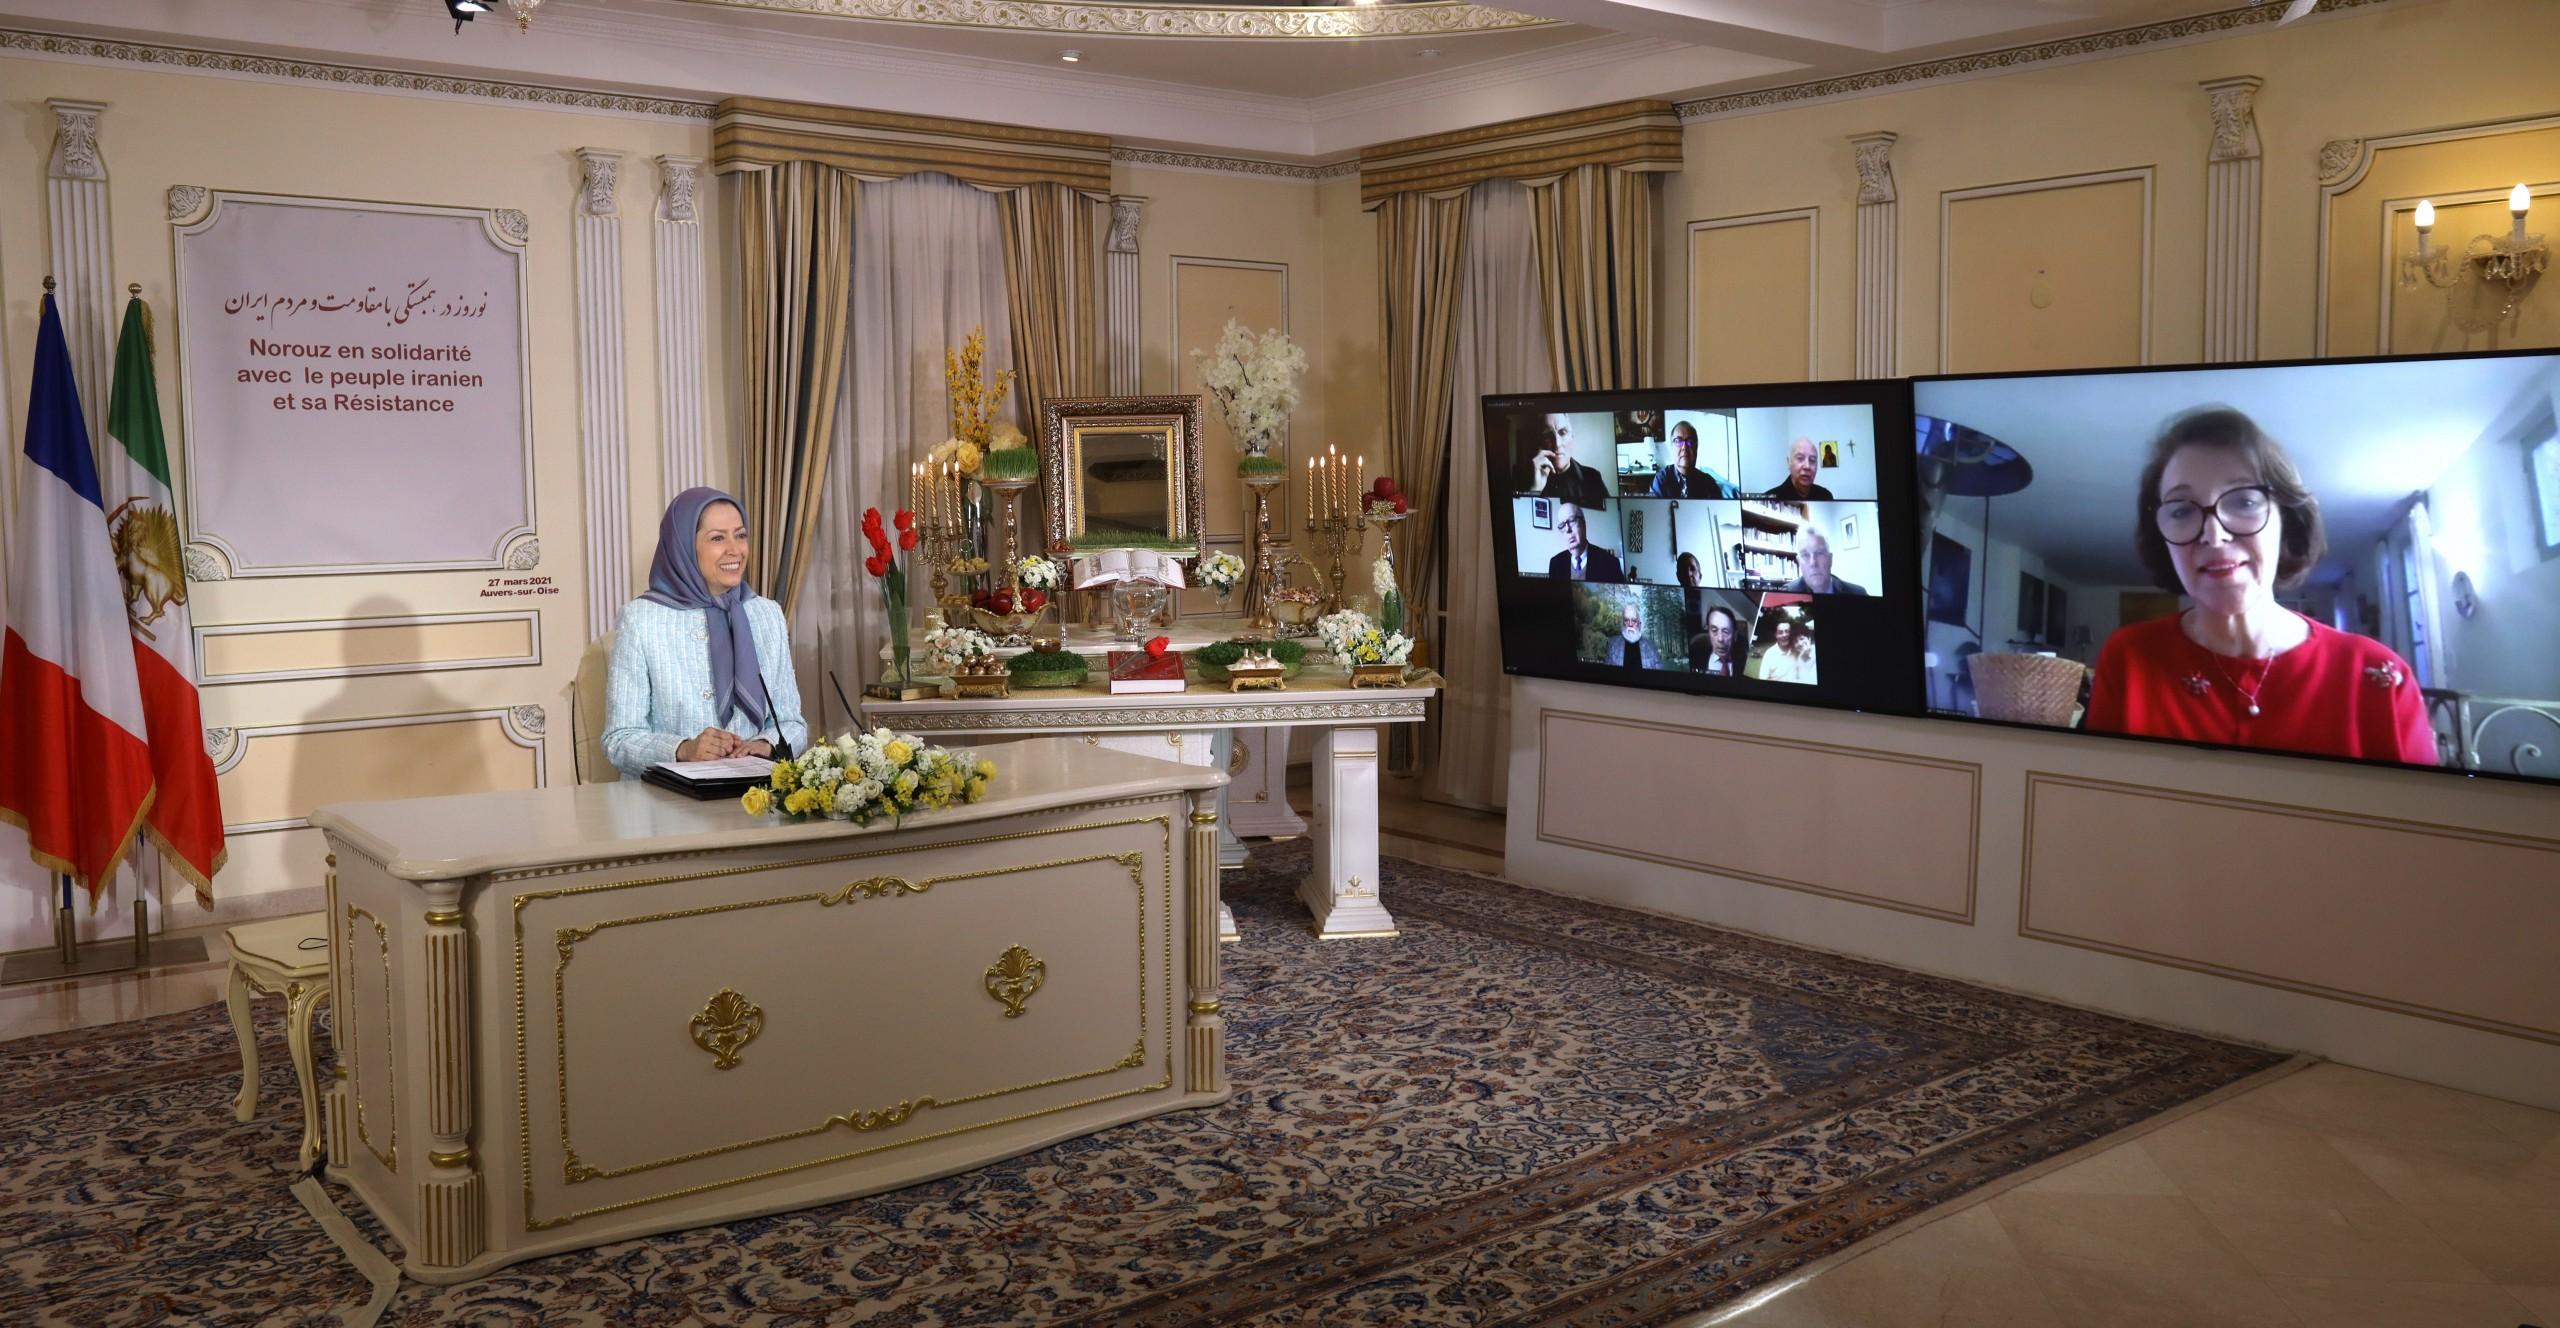 مريم رجوي: يتوقع الشعب الإيراني من أوروبا، اعتماد سياسة حاسمة تجاه النظام الإيراني والدفاع عن حقوق الإنسان